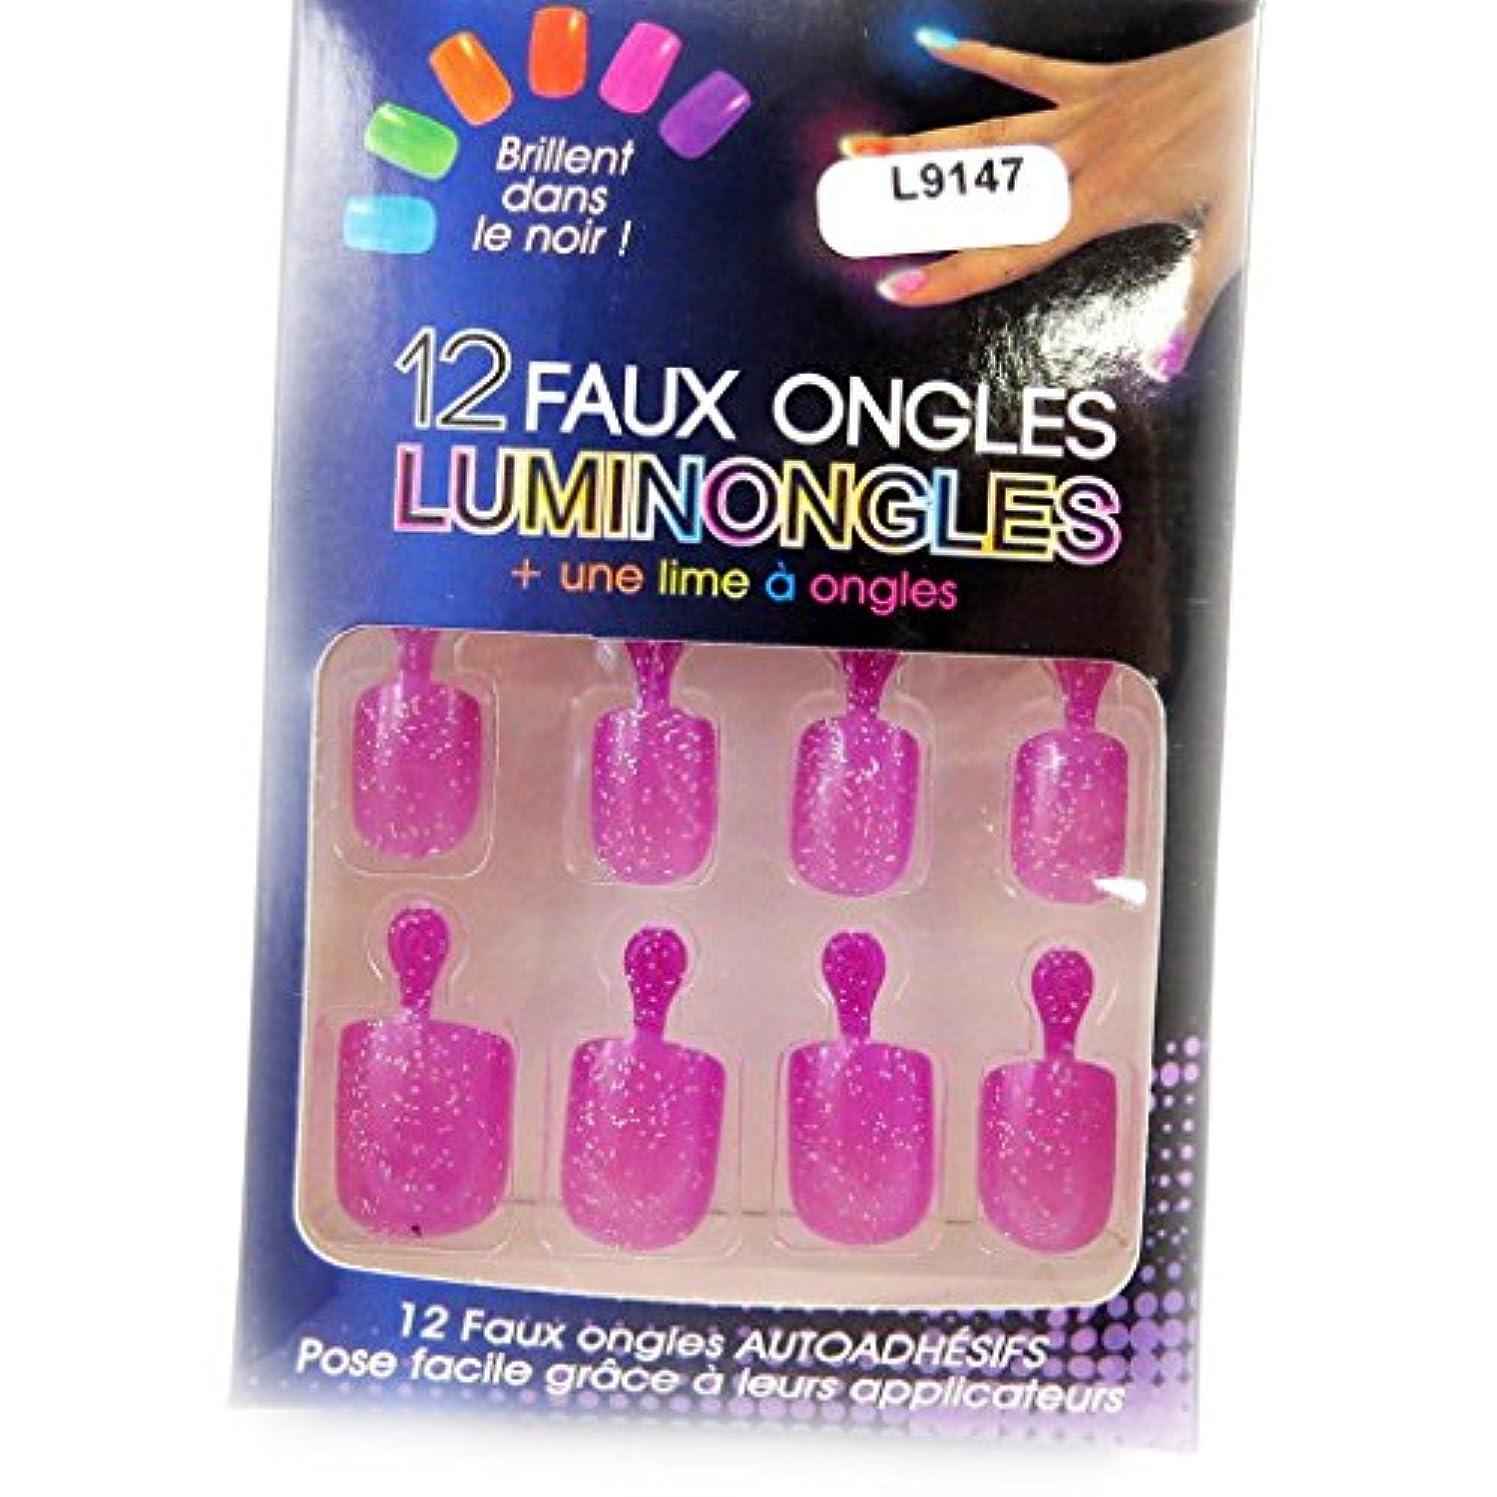 自動的に六分儀自分の力ですべてをする[リリーの宝 (Les Tresors De Lily)] (Luminongles コレクション) [L9147] アクリルスカルプチュア ピンク